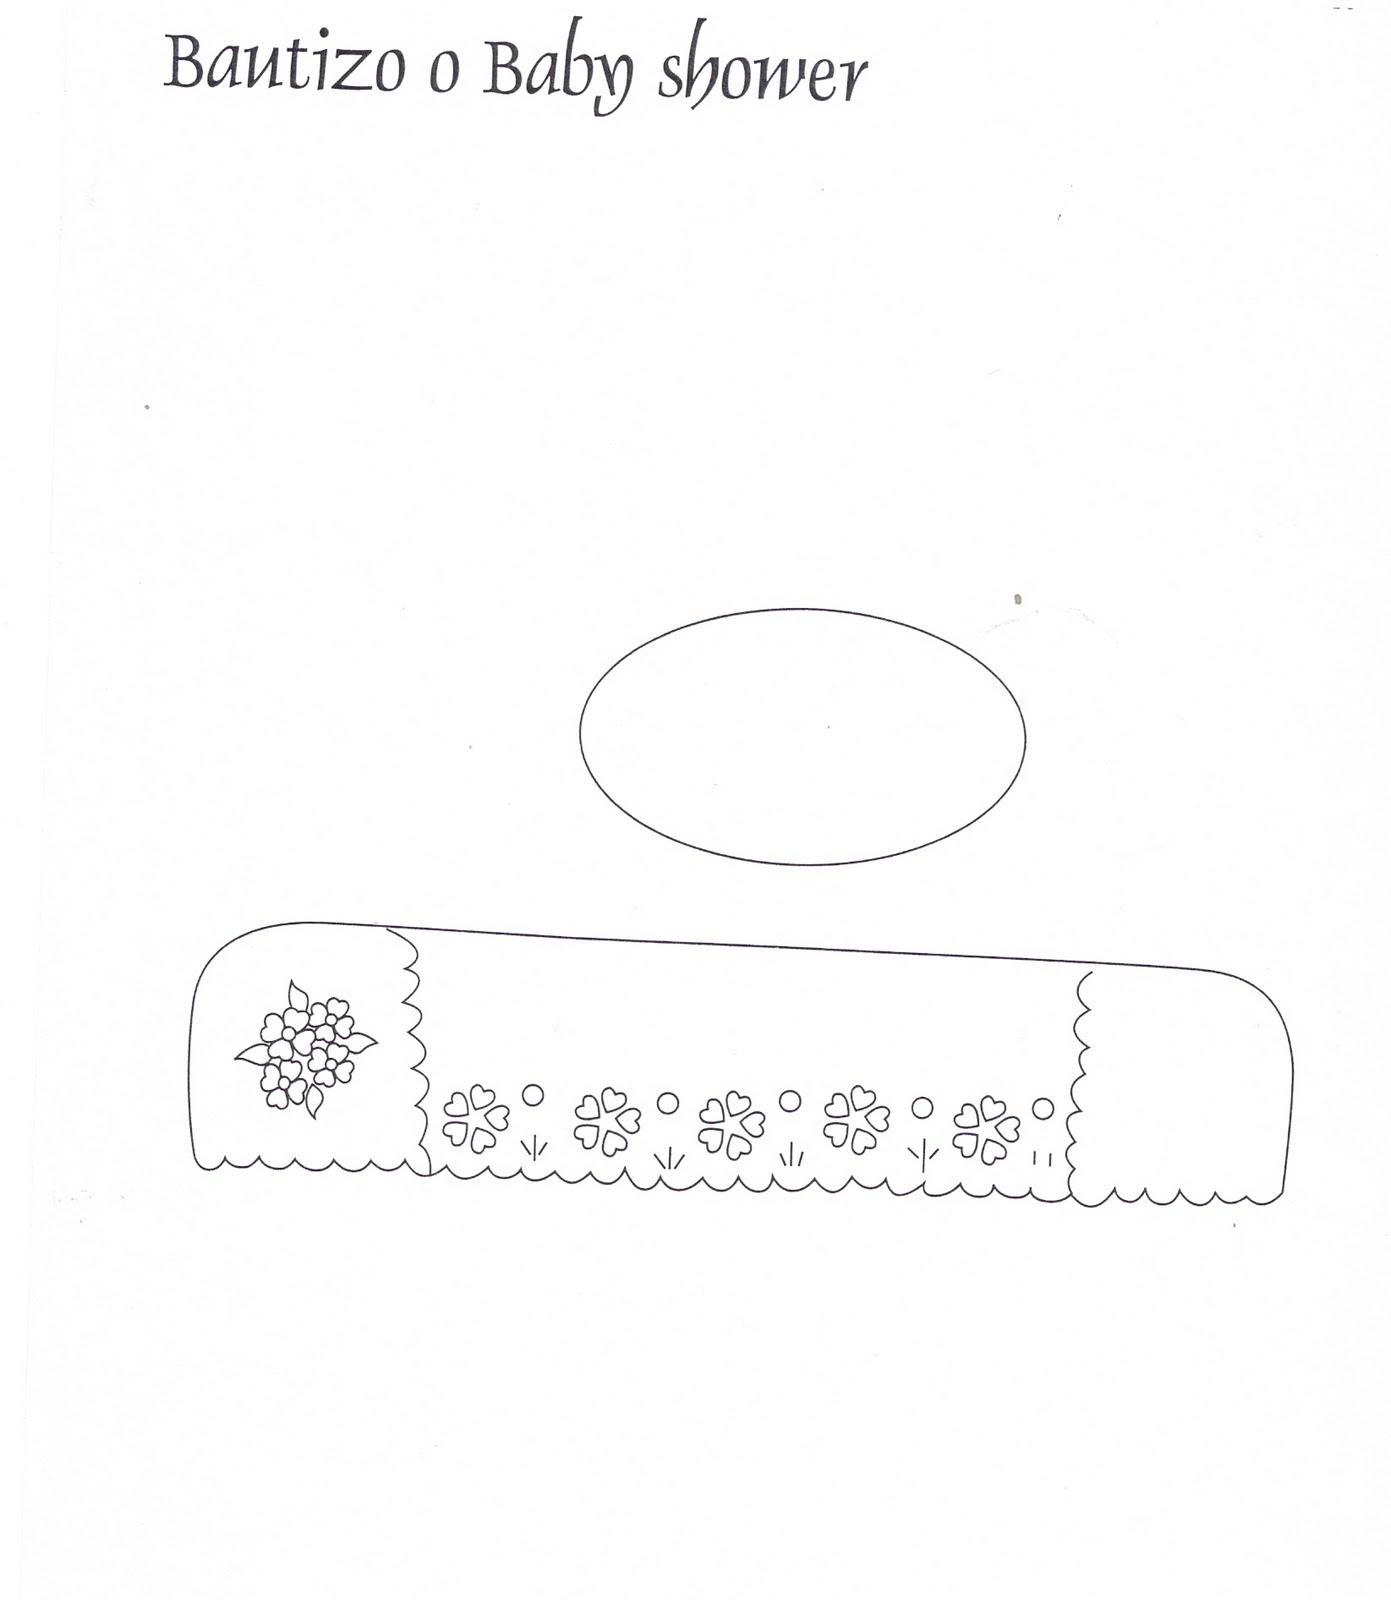 dibujo para repujado